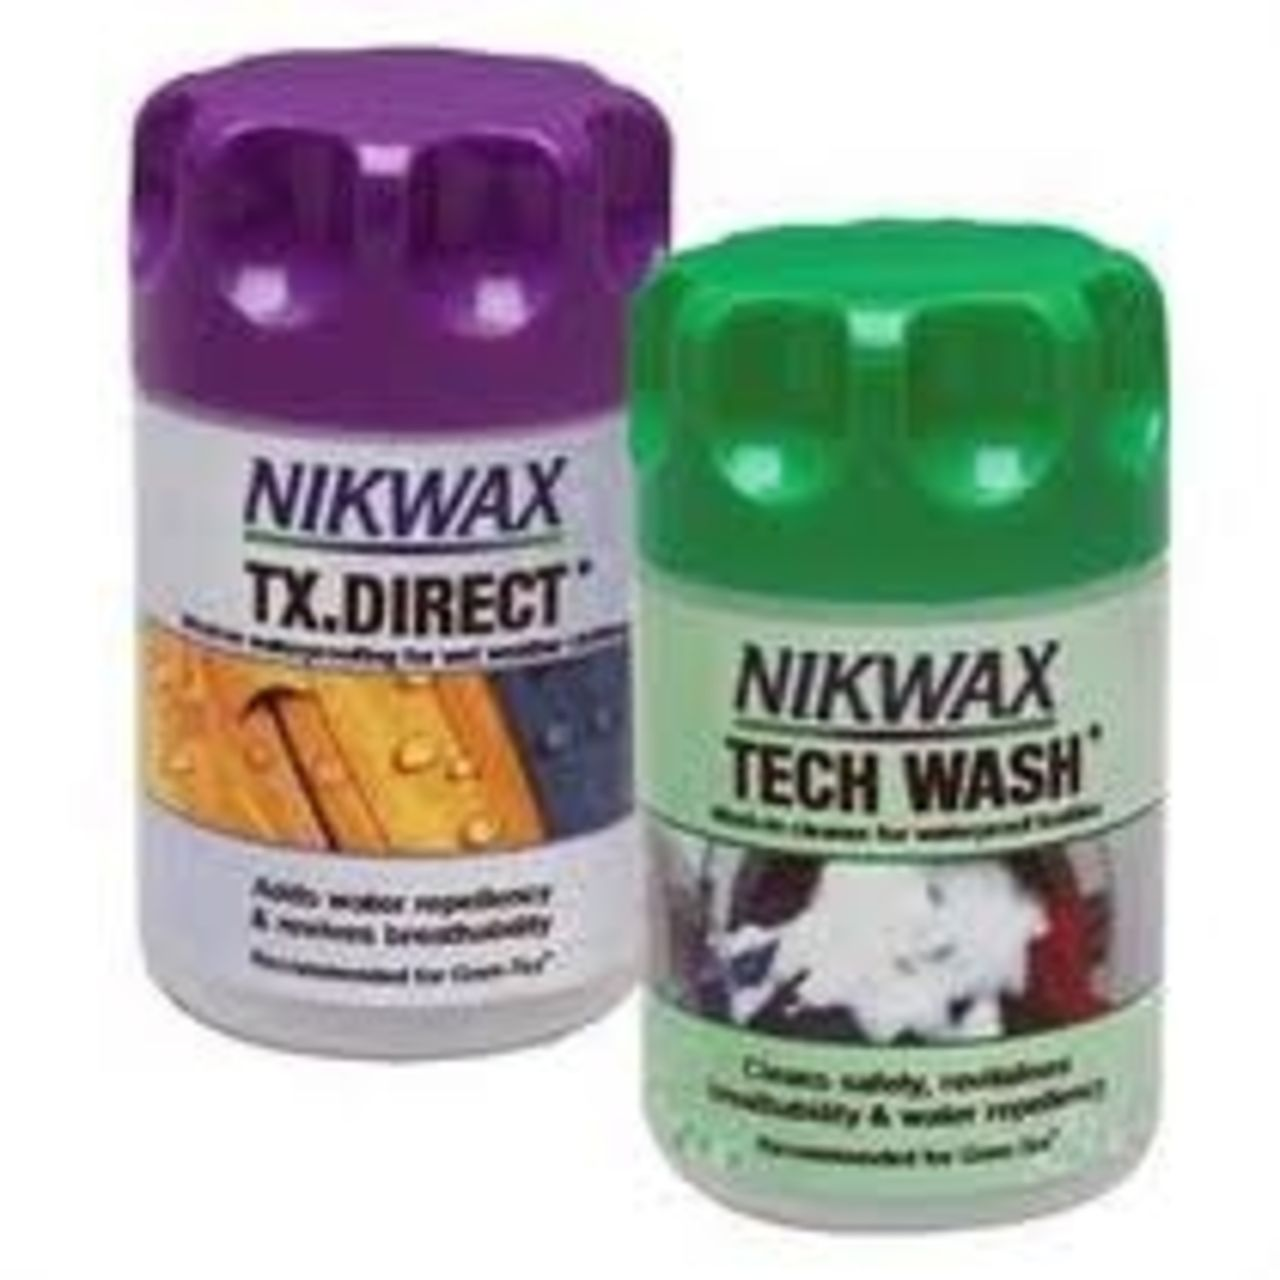 Nikwax Clothing Tech Wash TX Direct Mini Twin Waterproof Textiles Pack